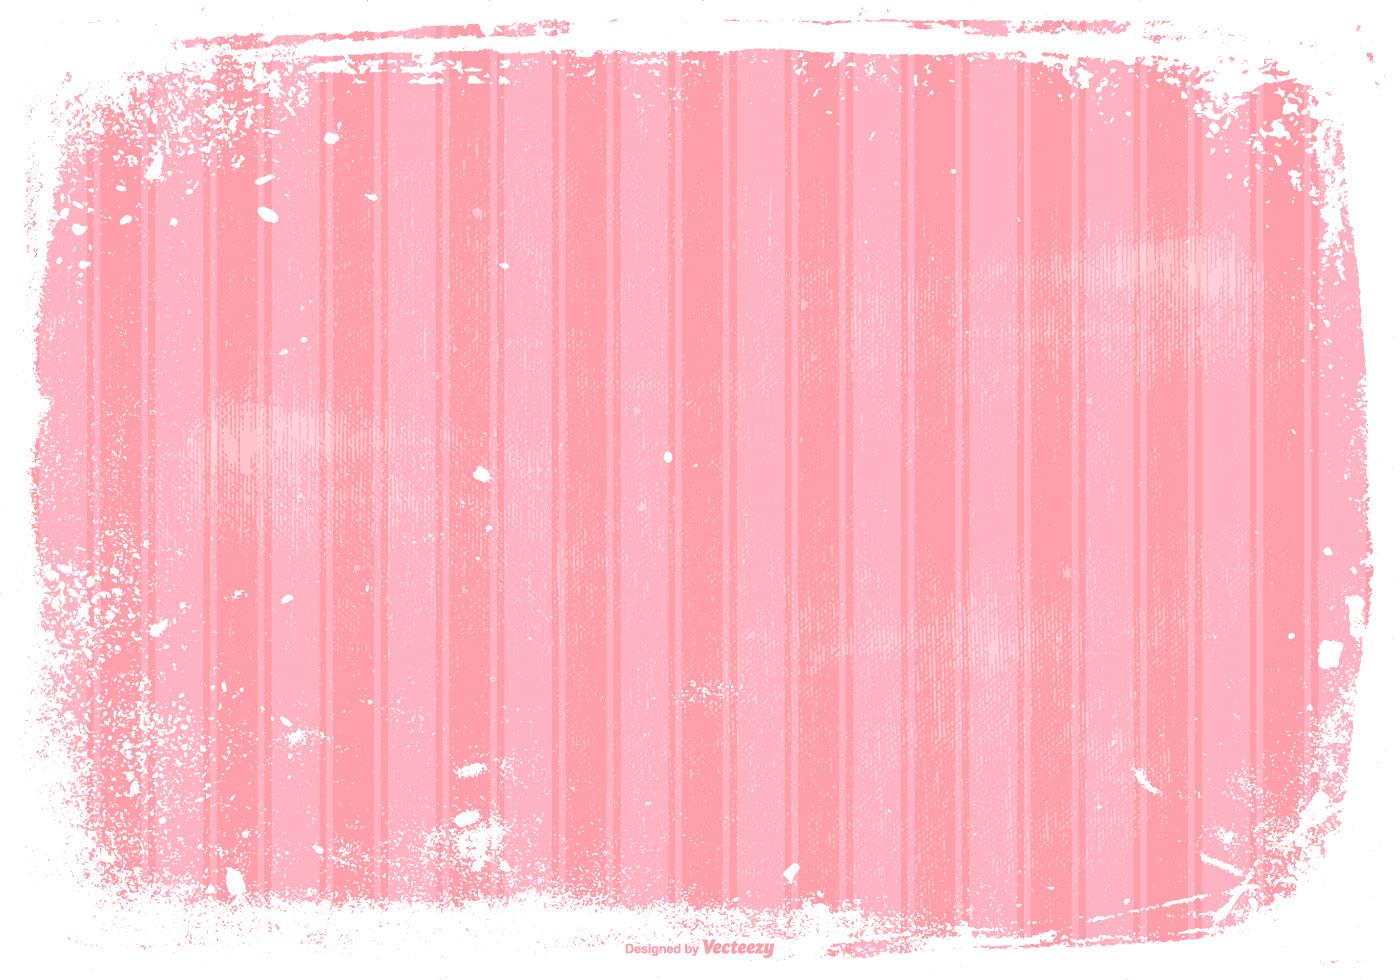 粉色背景 免費下載   天天瘋後製